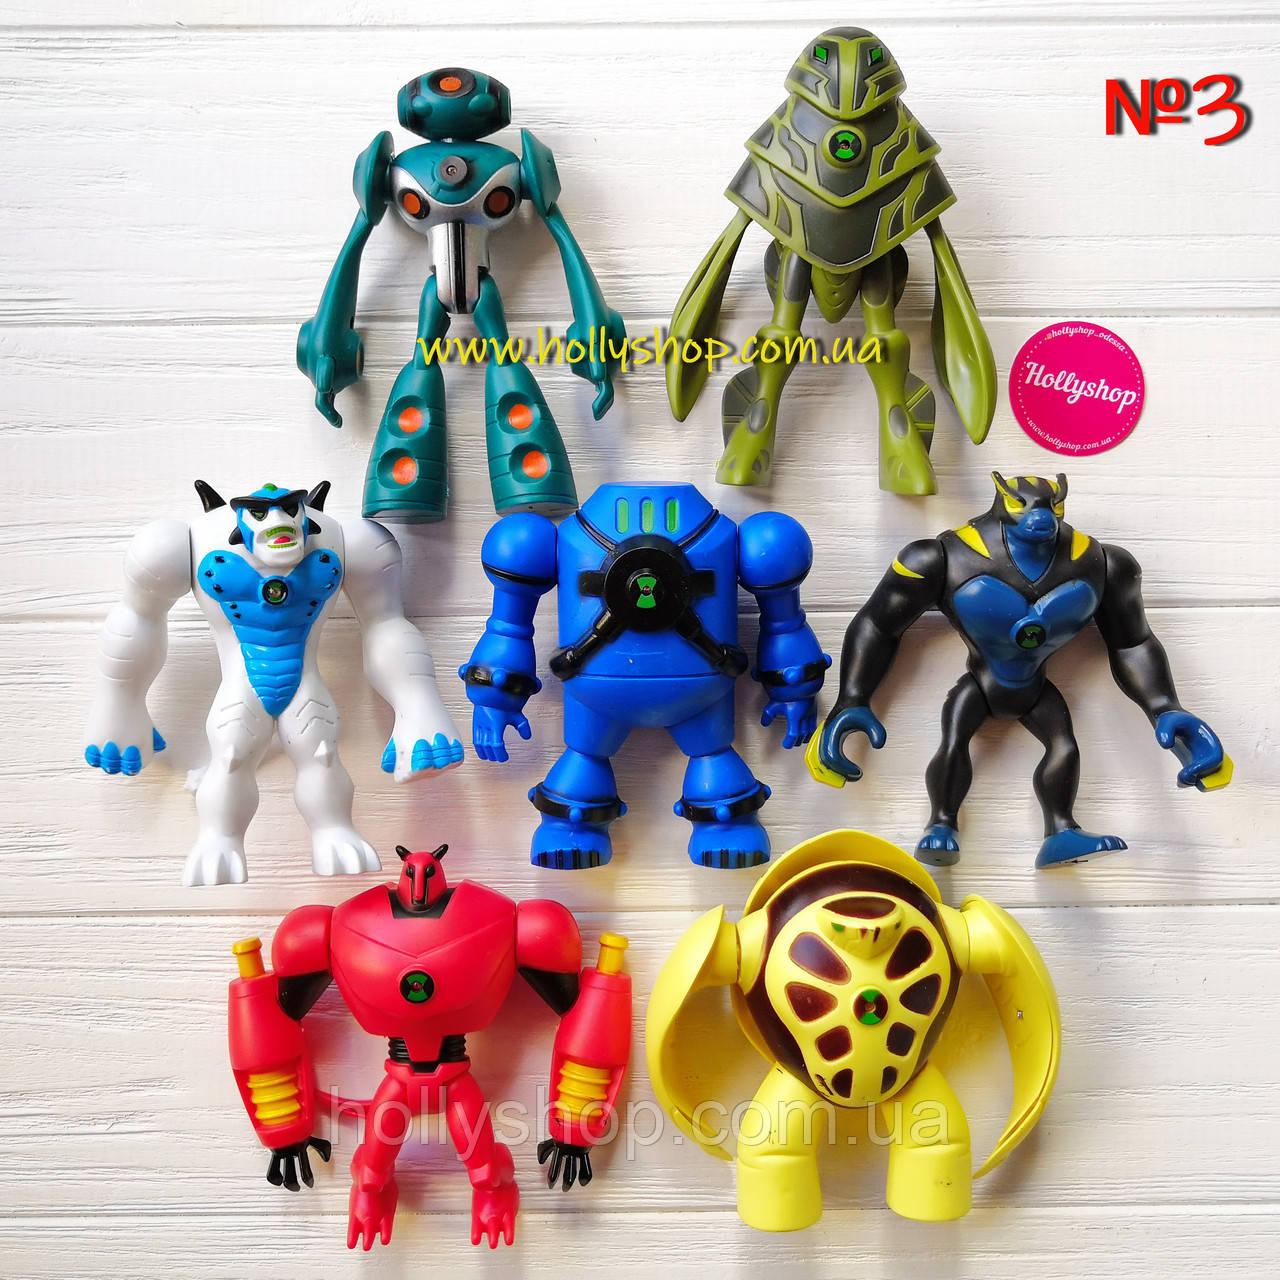 Игровой набор фигурок героев Ben 10 10-14 см + Свет №3